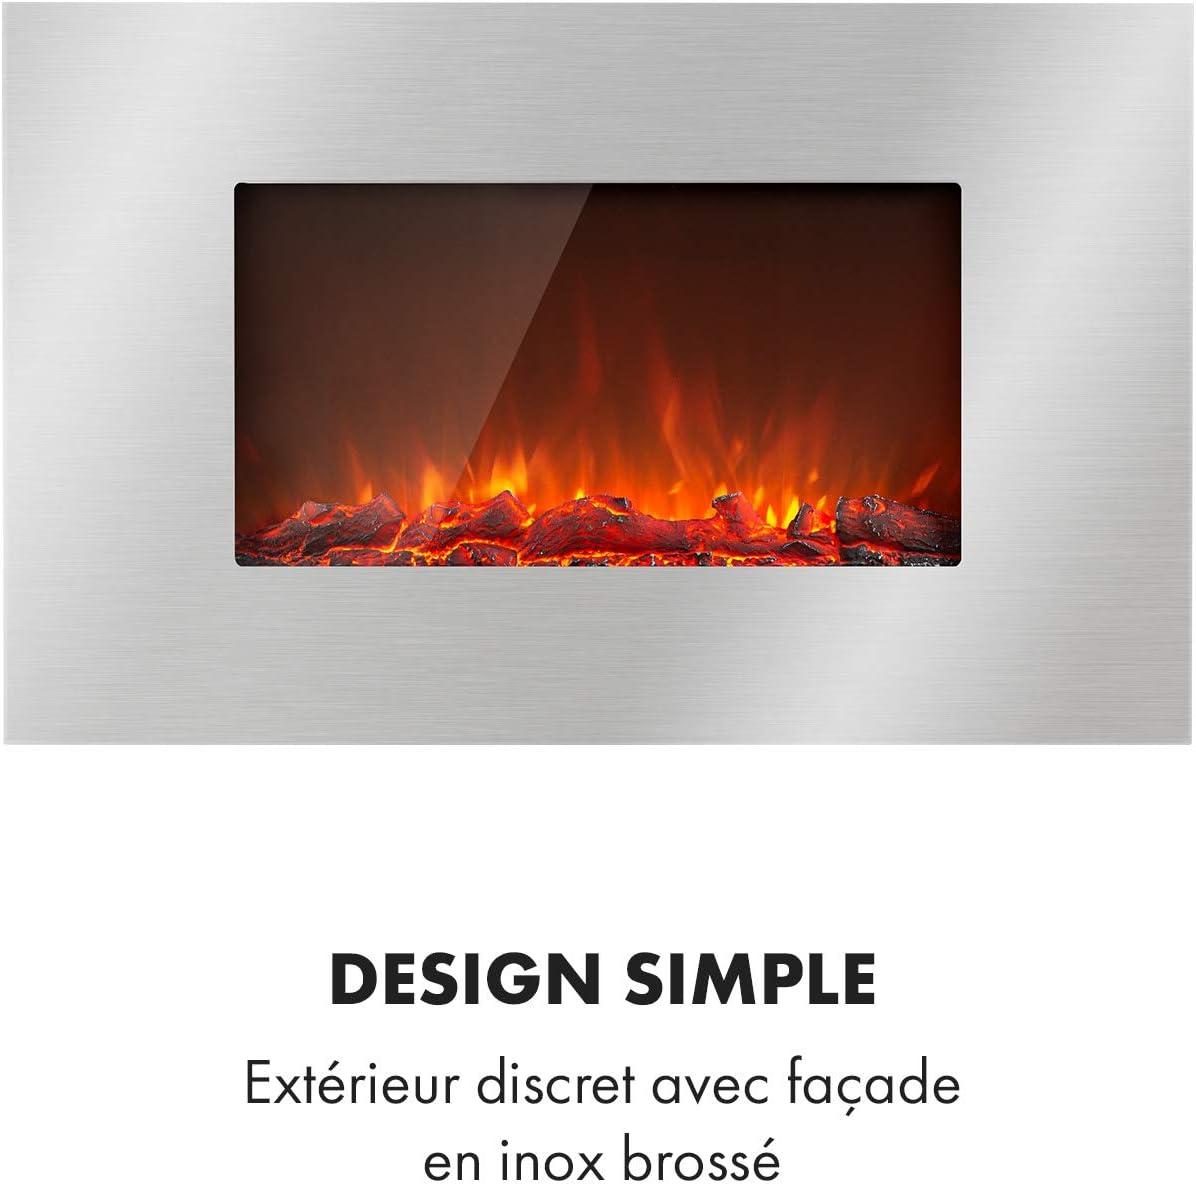 Largeur: 90 cm 2 r/églages de Chauffage Effet de Flamme Montage Mural INOX KLARSTEIN Lausanne Chemin/ée /électrique : Puissance: 2000W t/él/écommande fa/çade en INOX luminosit/é r/églable